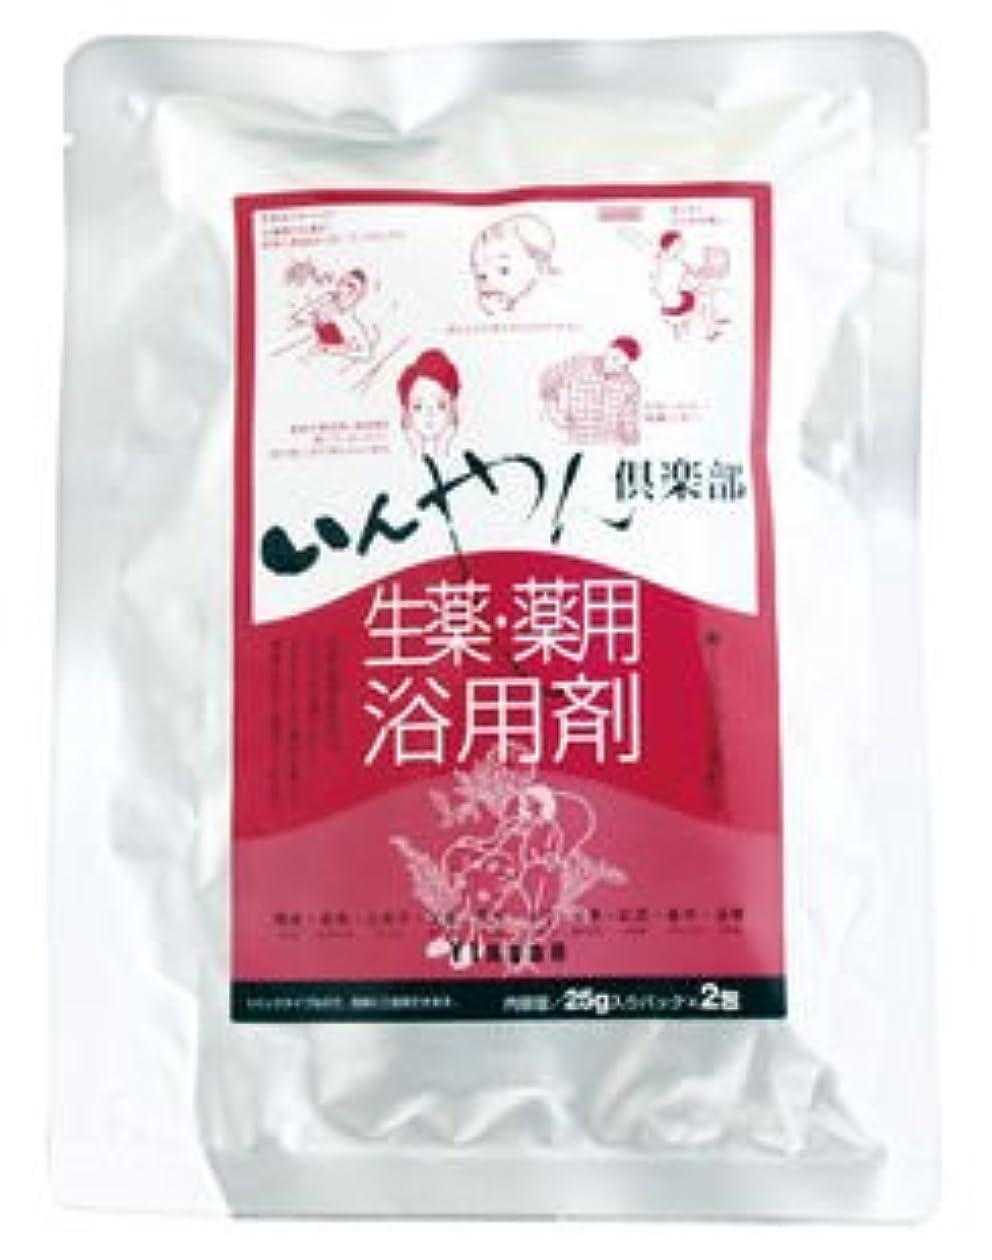 制限されたお手入れフォーム生薬 薬用浴用剤 25g×2包